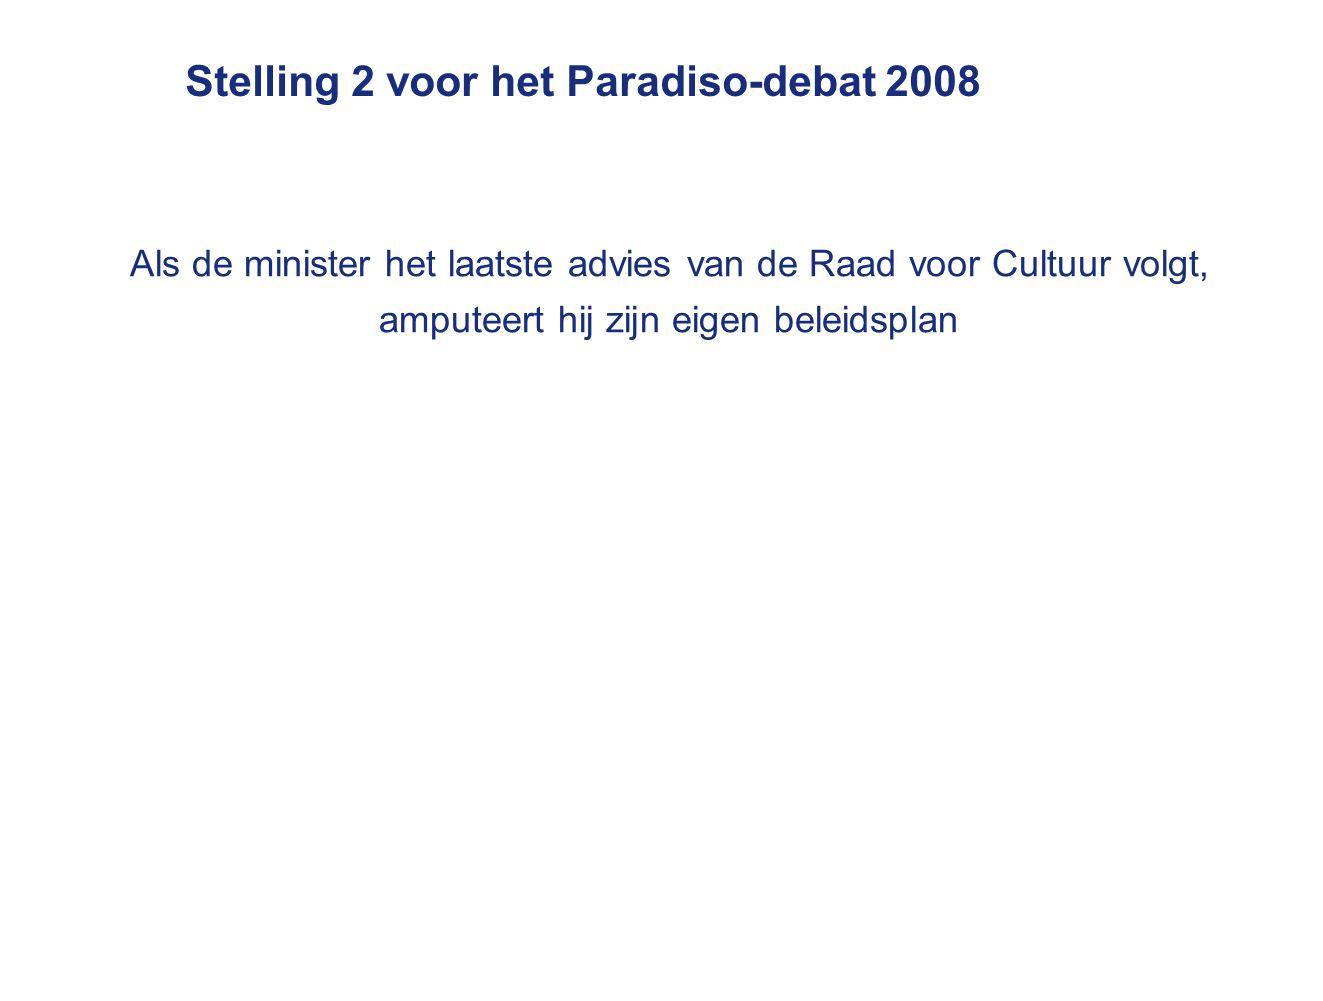 Stelling 2 voor het Paradiso-debat 2008 Als de minister het laatste advies van de Raad voor Cultuur volgt, amputeert hij zijn eigen beleidsplan